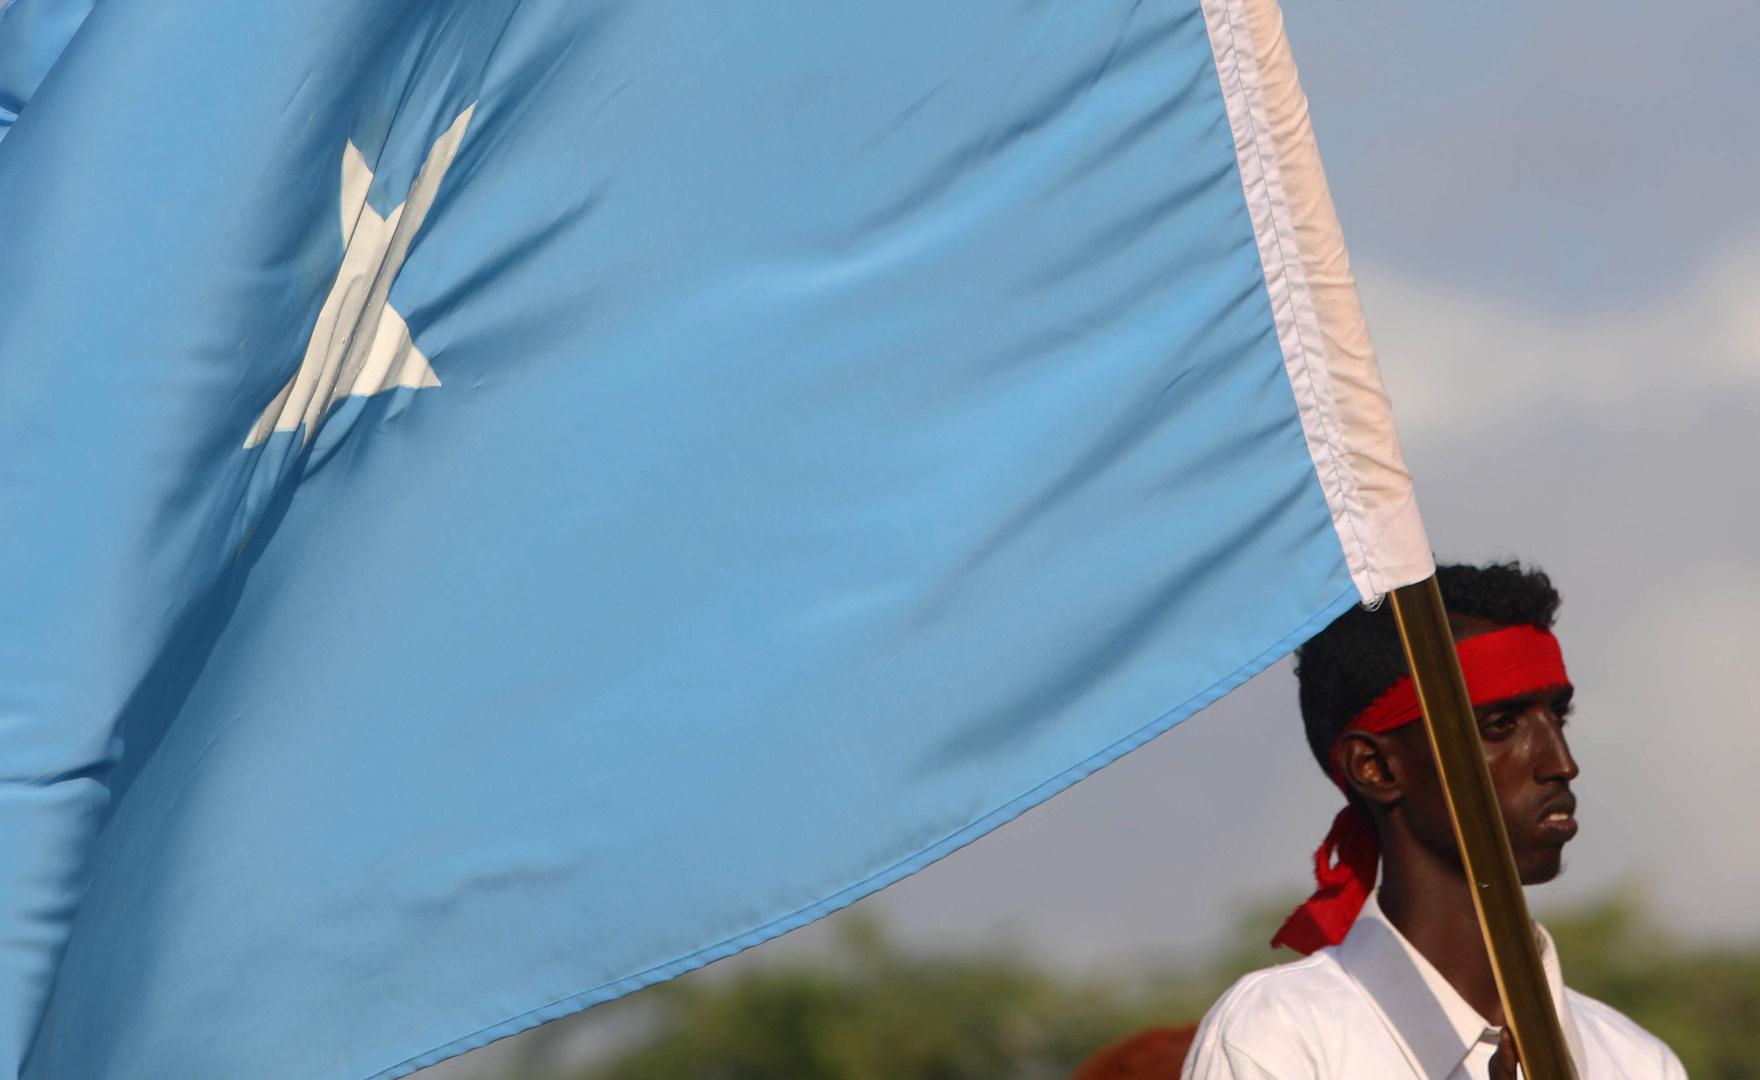 البرلمان الصومالي يصادق على إجراء انتخابات برلمانية ورئاسية في غضون عامين